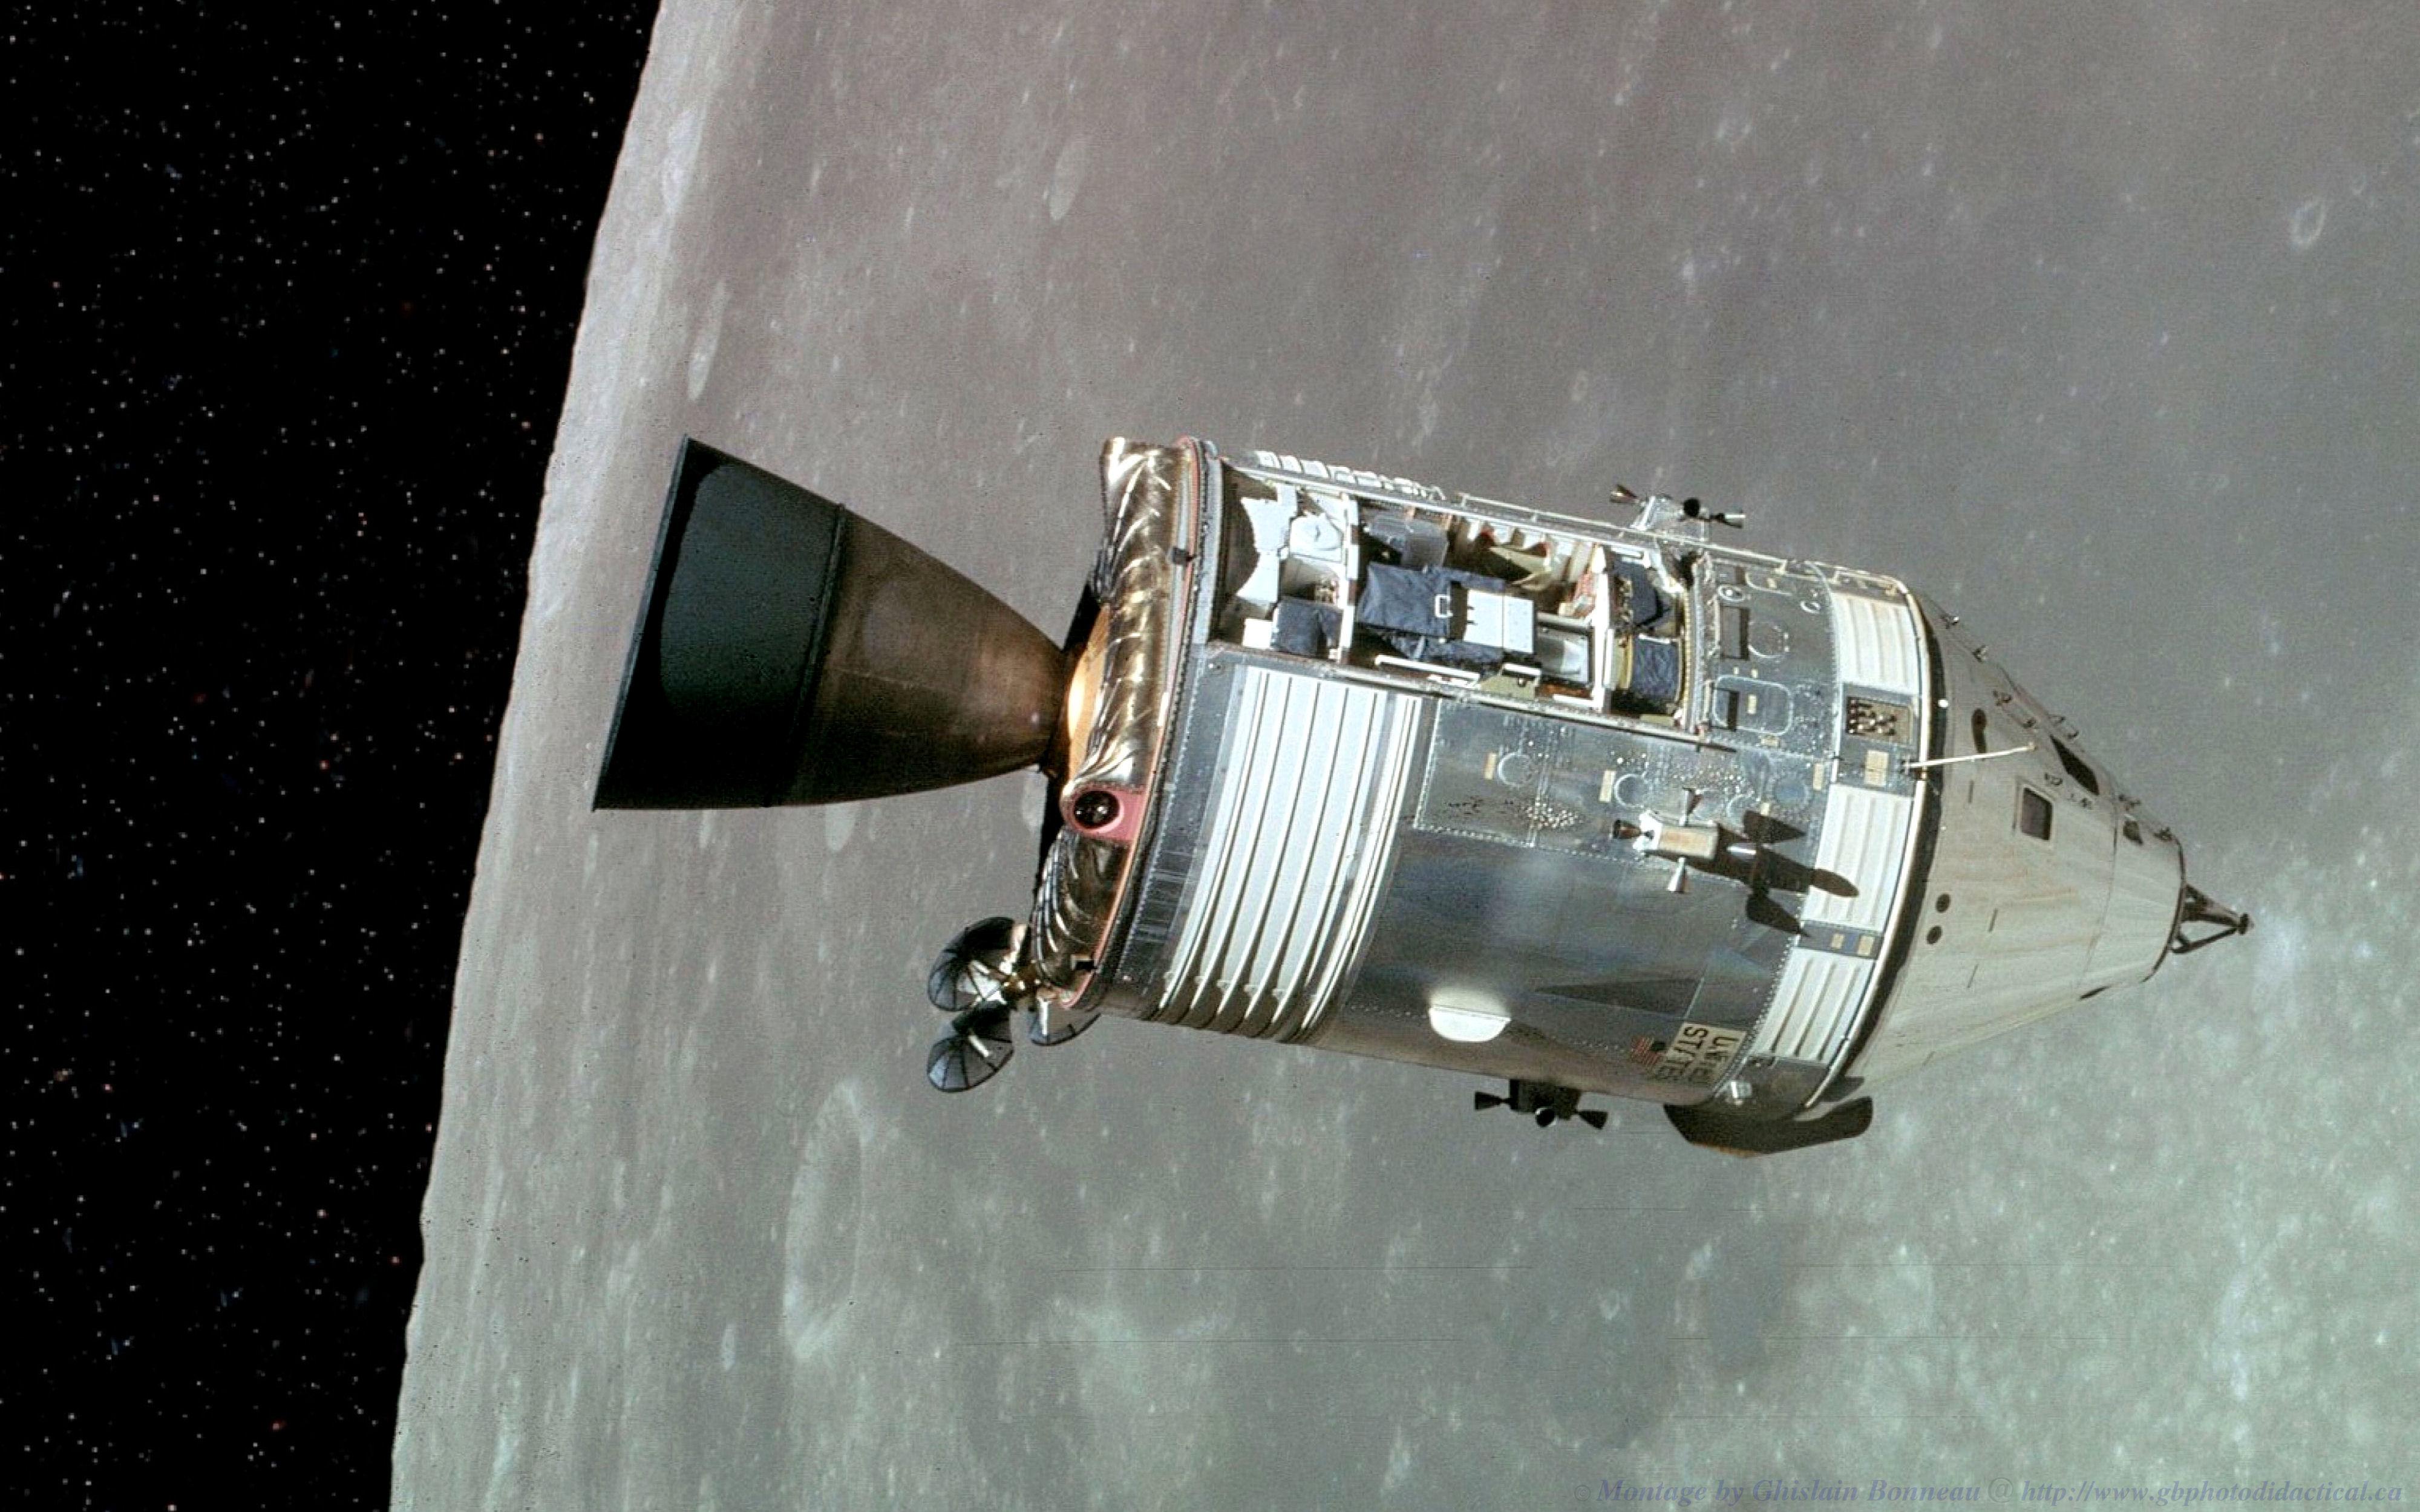 Apollo 15 clipart - Clipground